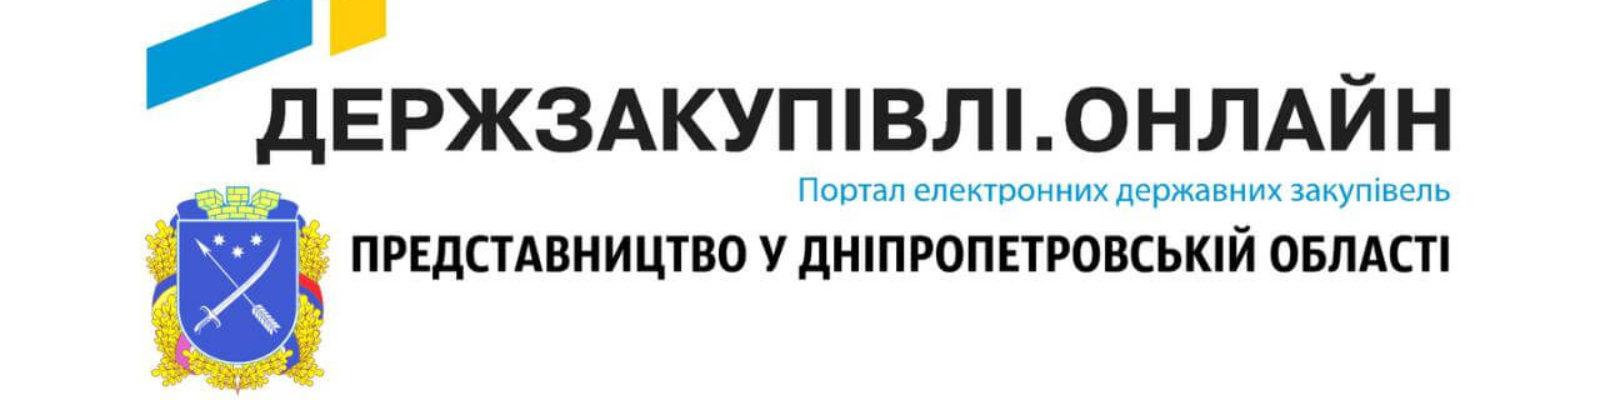 Державні Закупівлі Прозорро в Дніпропетровській області